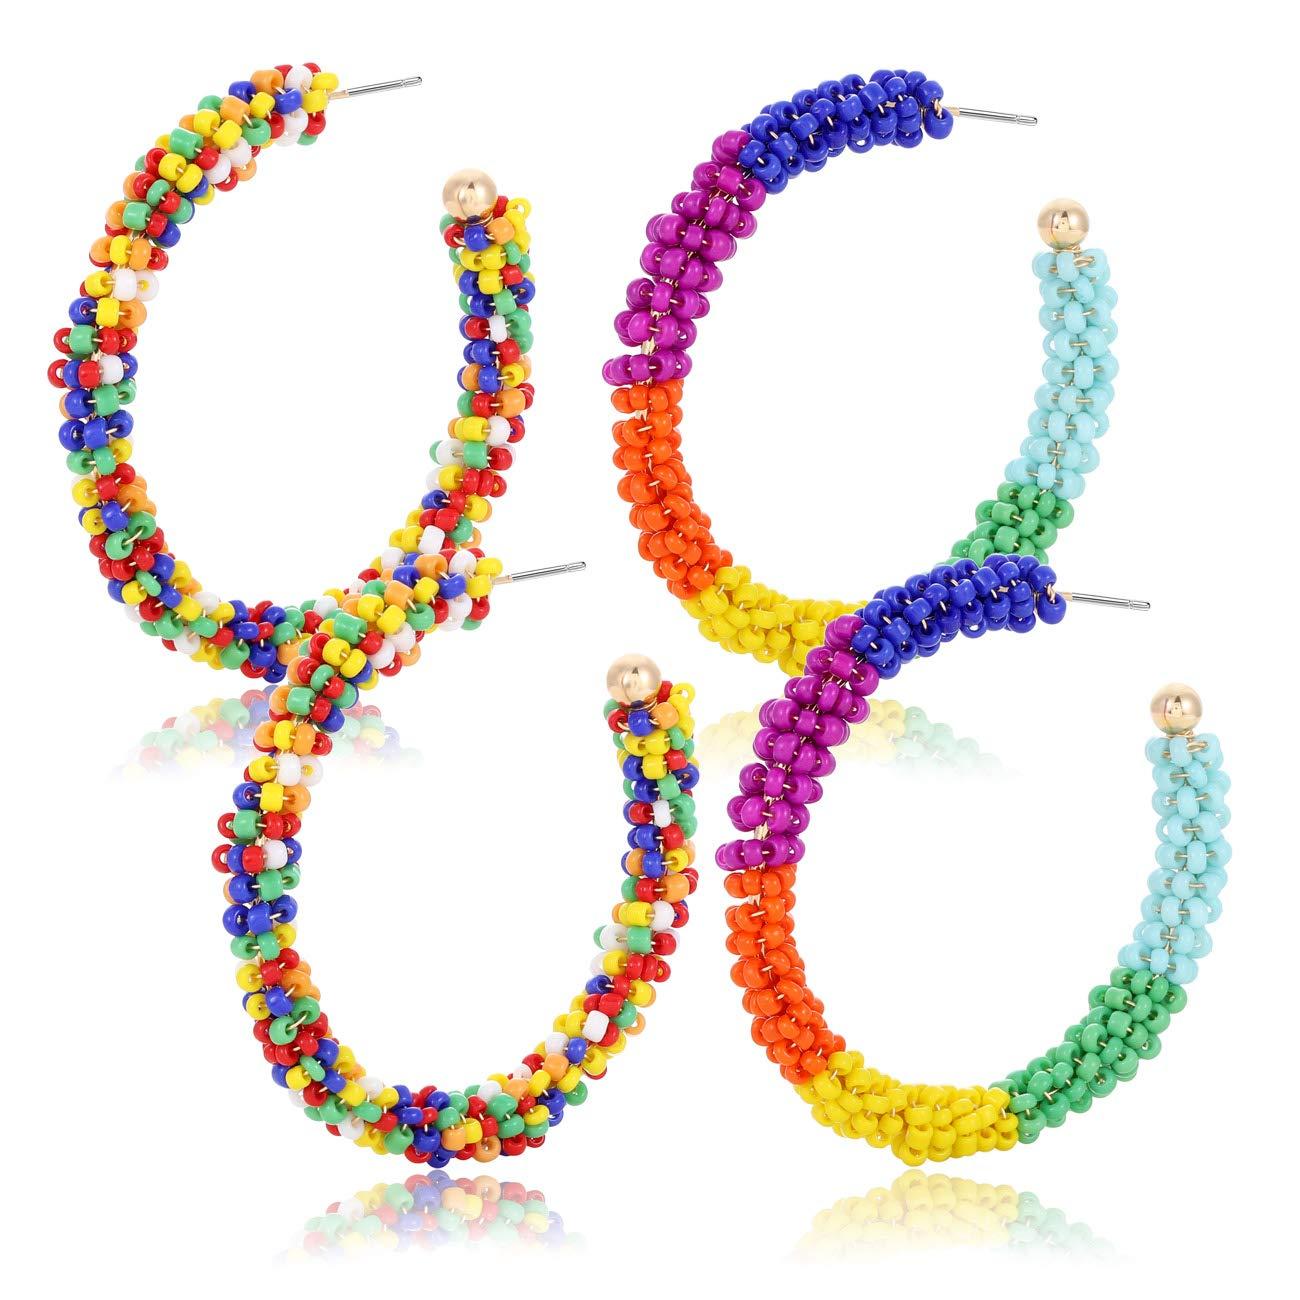 Seed Bead Earrings Hoop Earrings Gifts Earrings Beaded Hoop Earrings Hoops Pierced Earrings Jewelry Stud Hoop Earrings